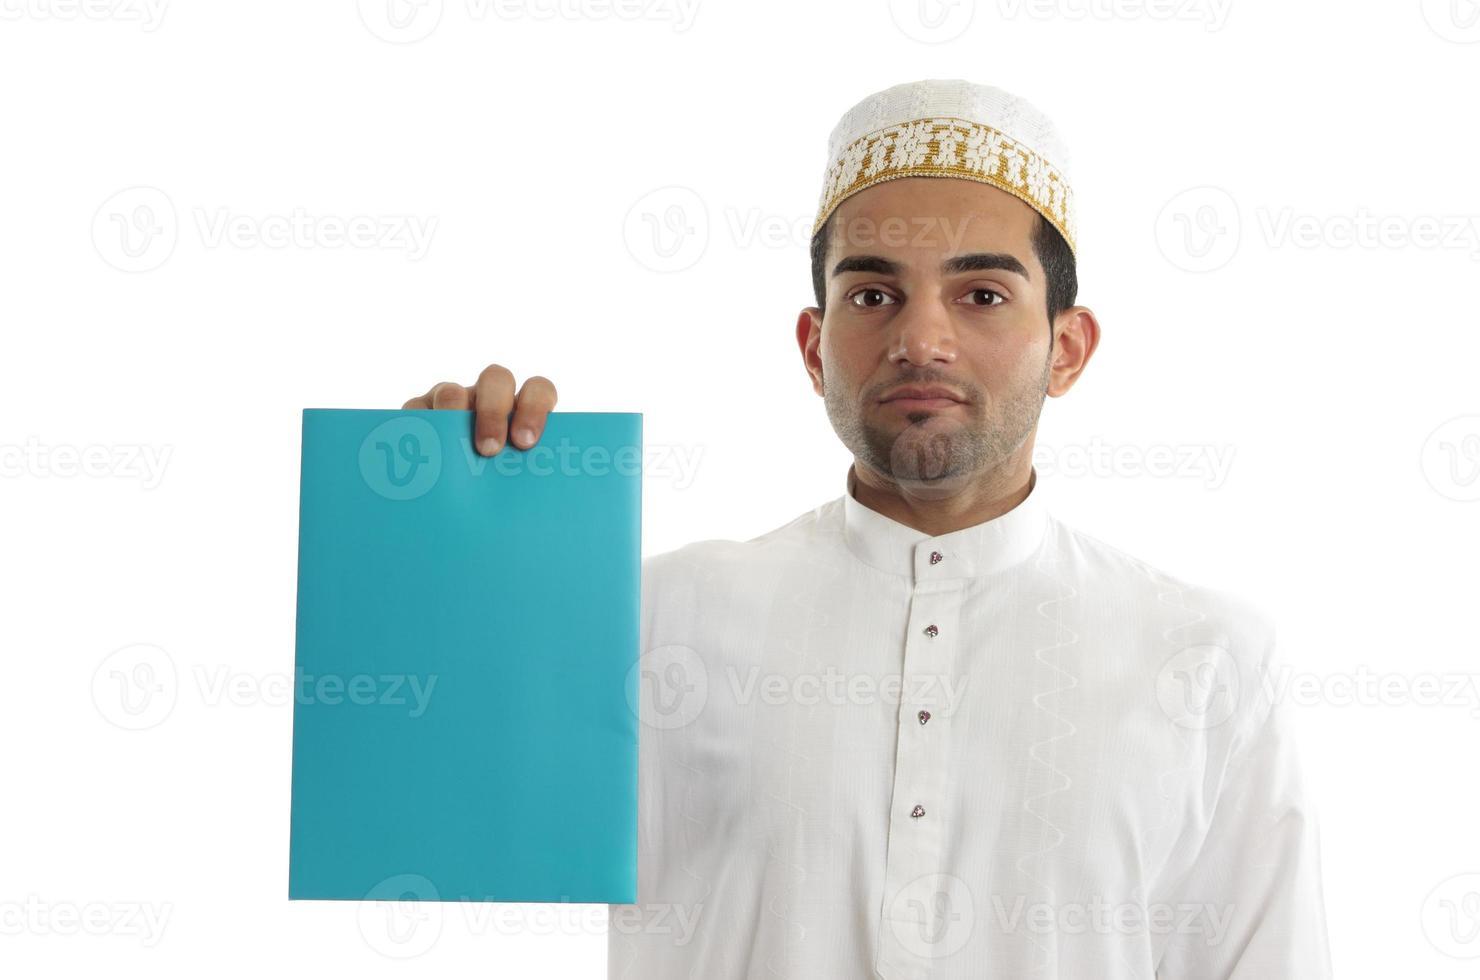 ethnischer Geschäftsmann mit Broschüre oder Werbung foto